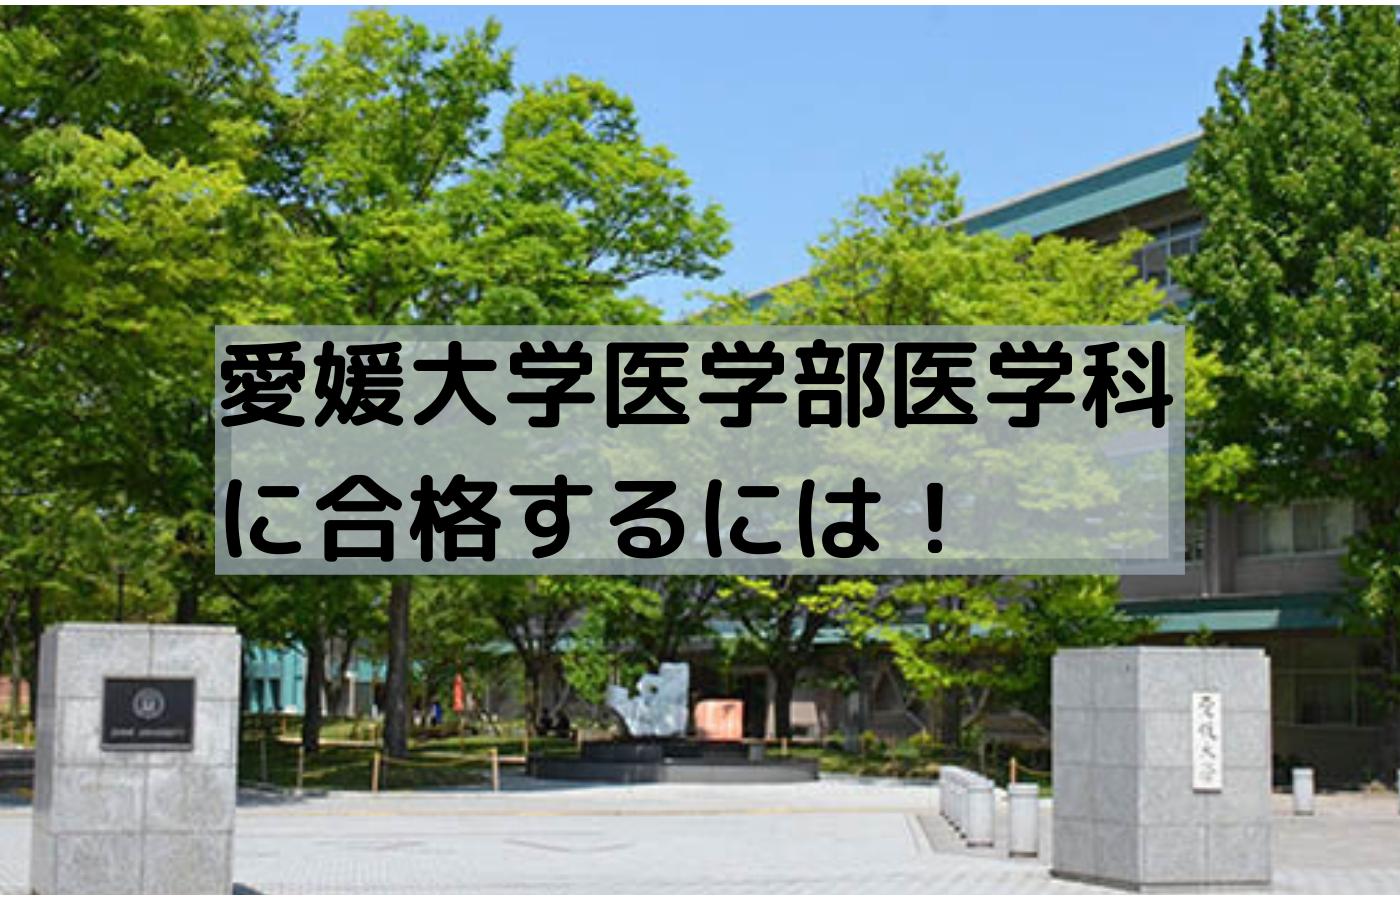 愛媛大学医学部医学科に合格するための戦略や計画を紹介!